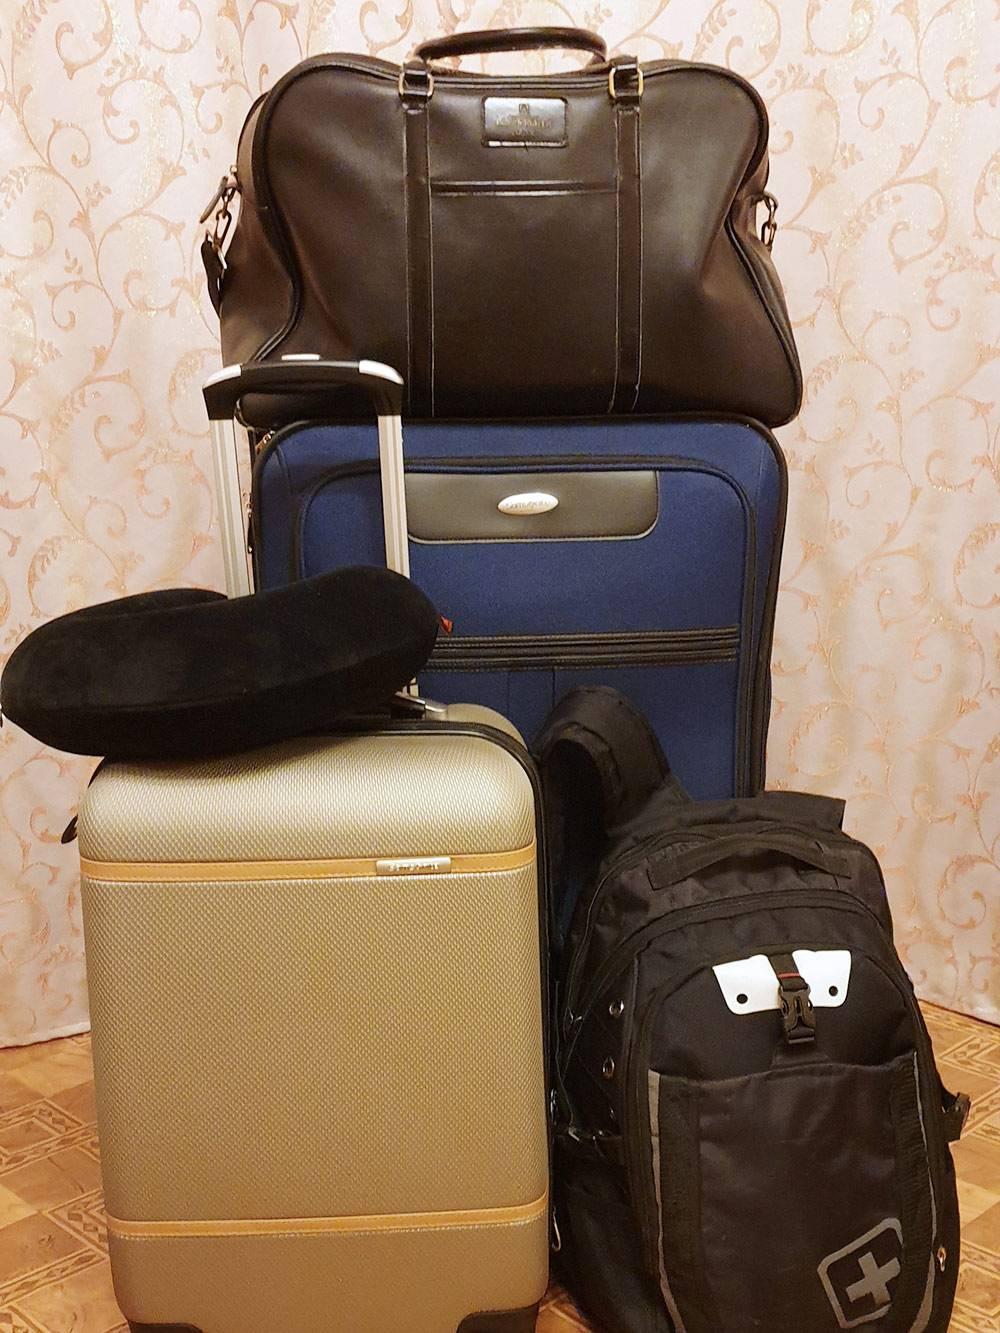 Вот сколько чемоданов и сумок я брала с собой на второй контракт. Еще примерно столькоже взял молодой человек